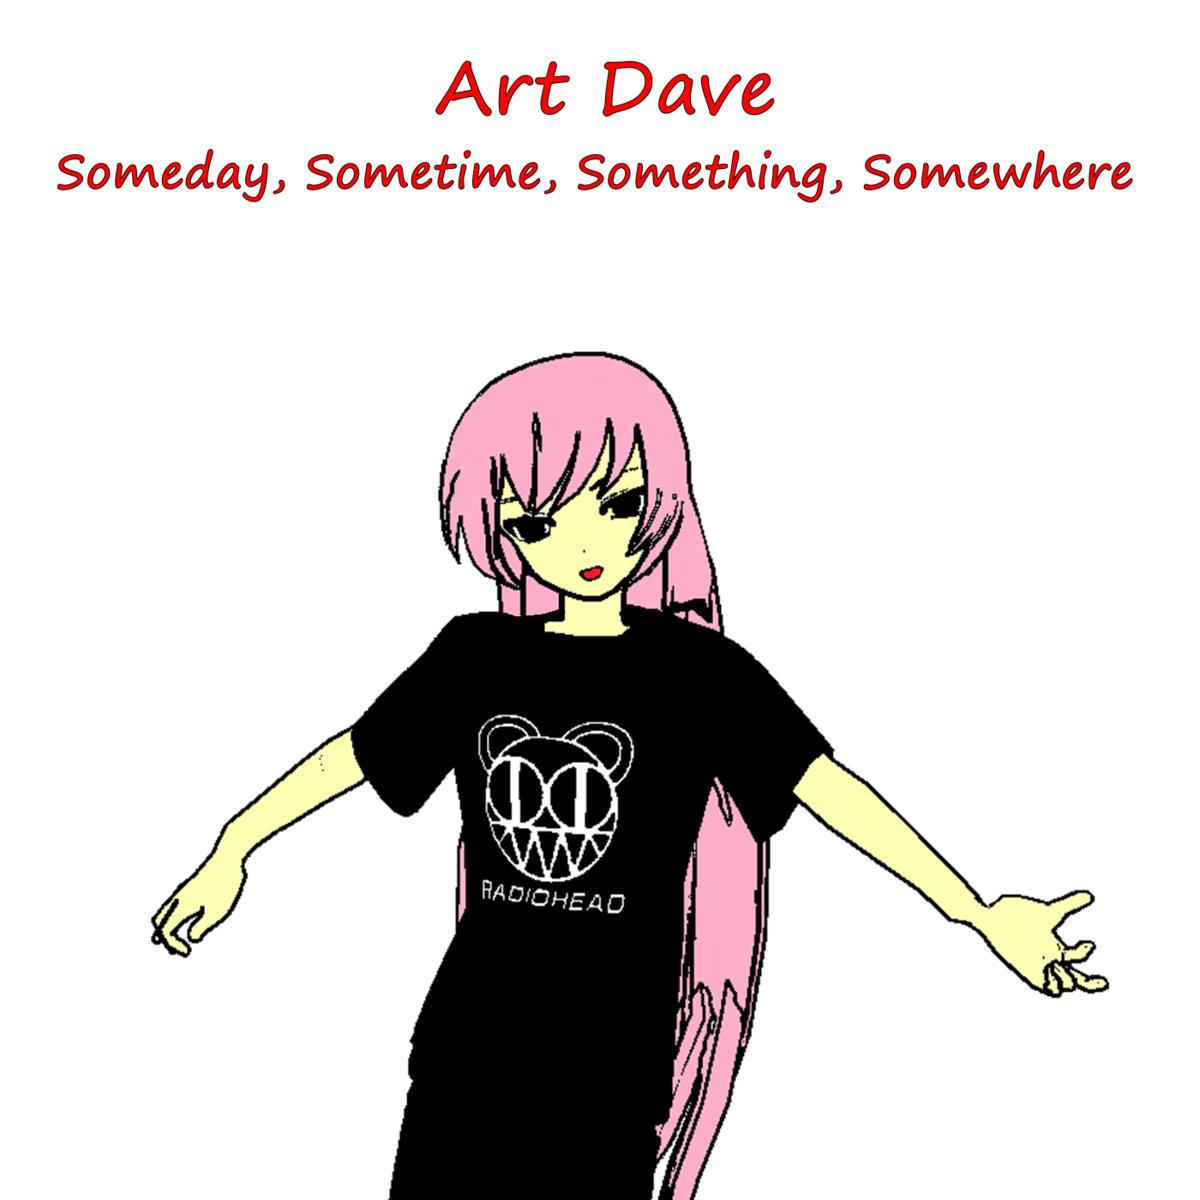 Someday, Sometime, Something, Somewhere